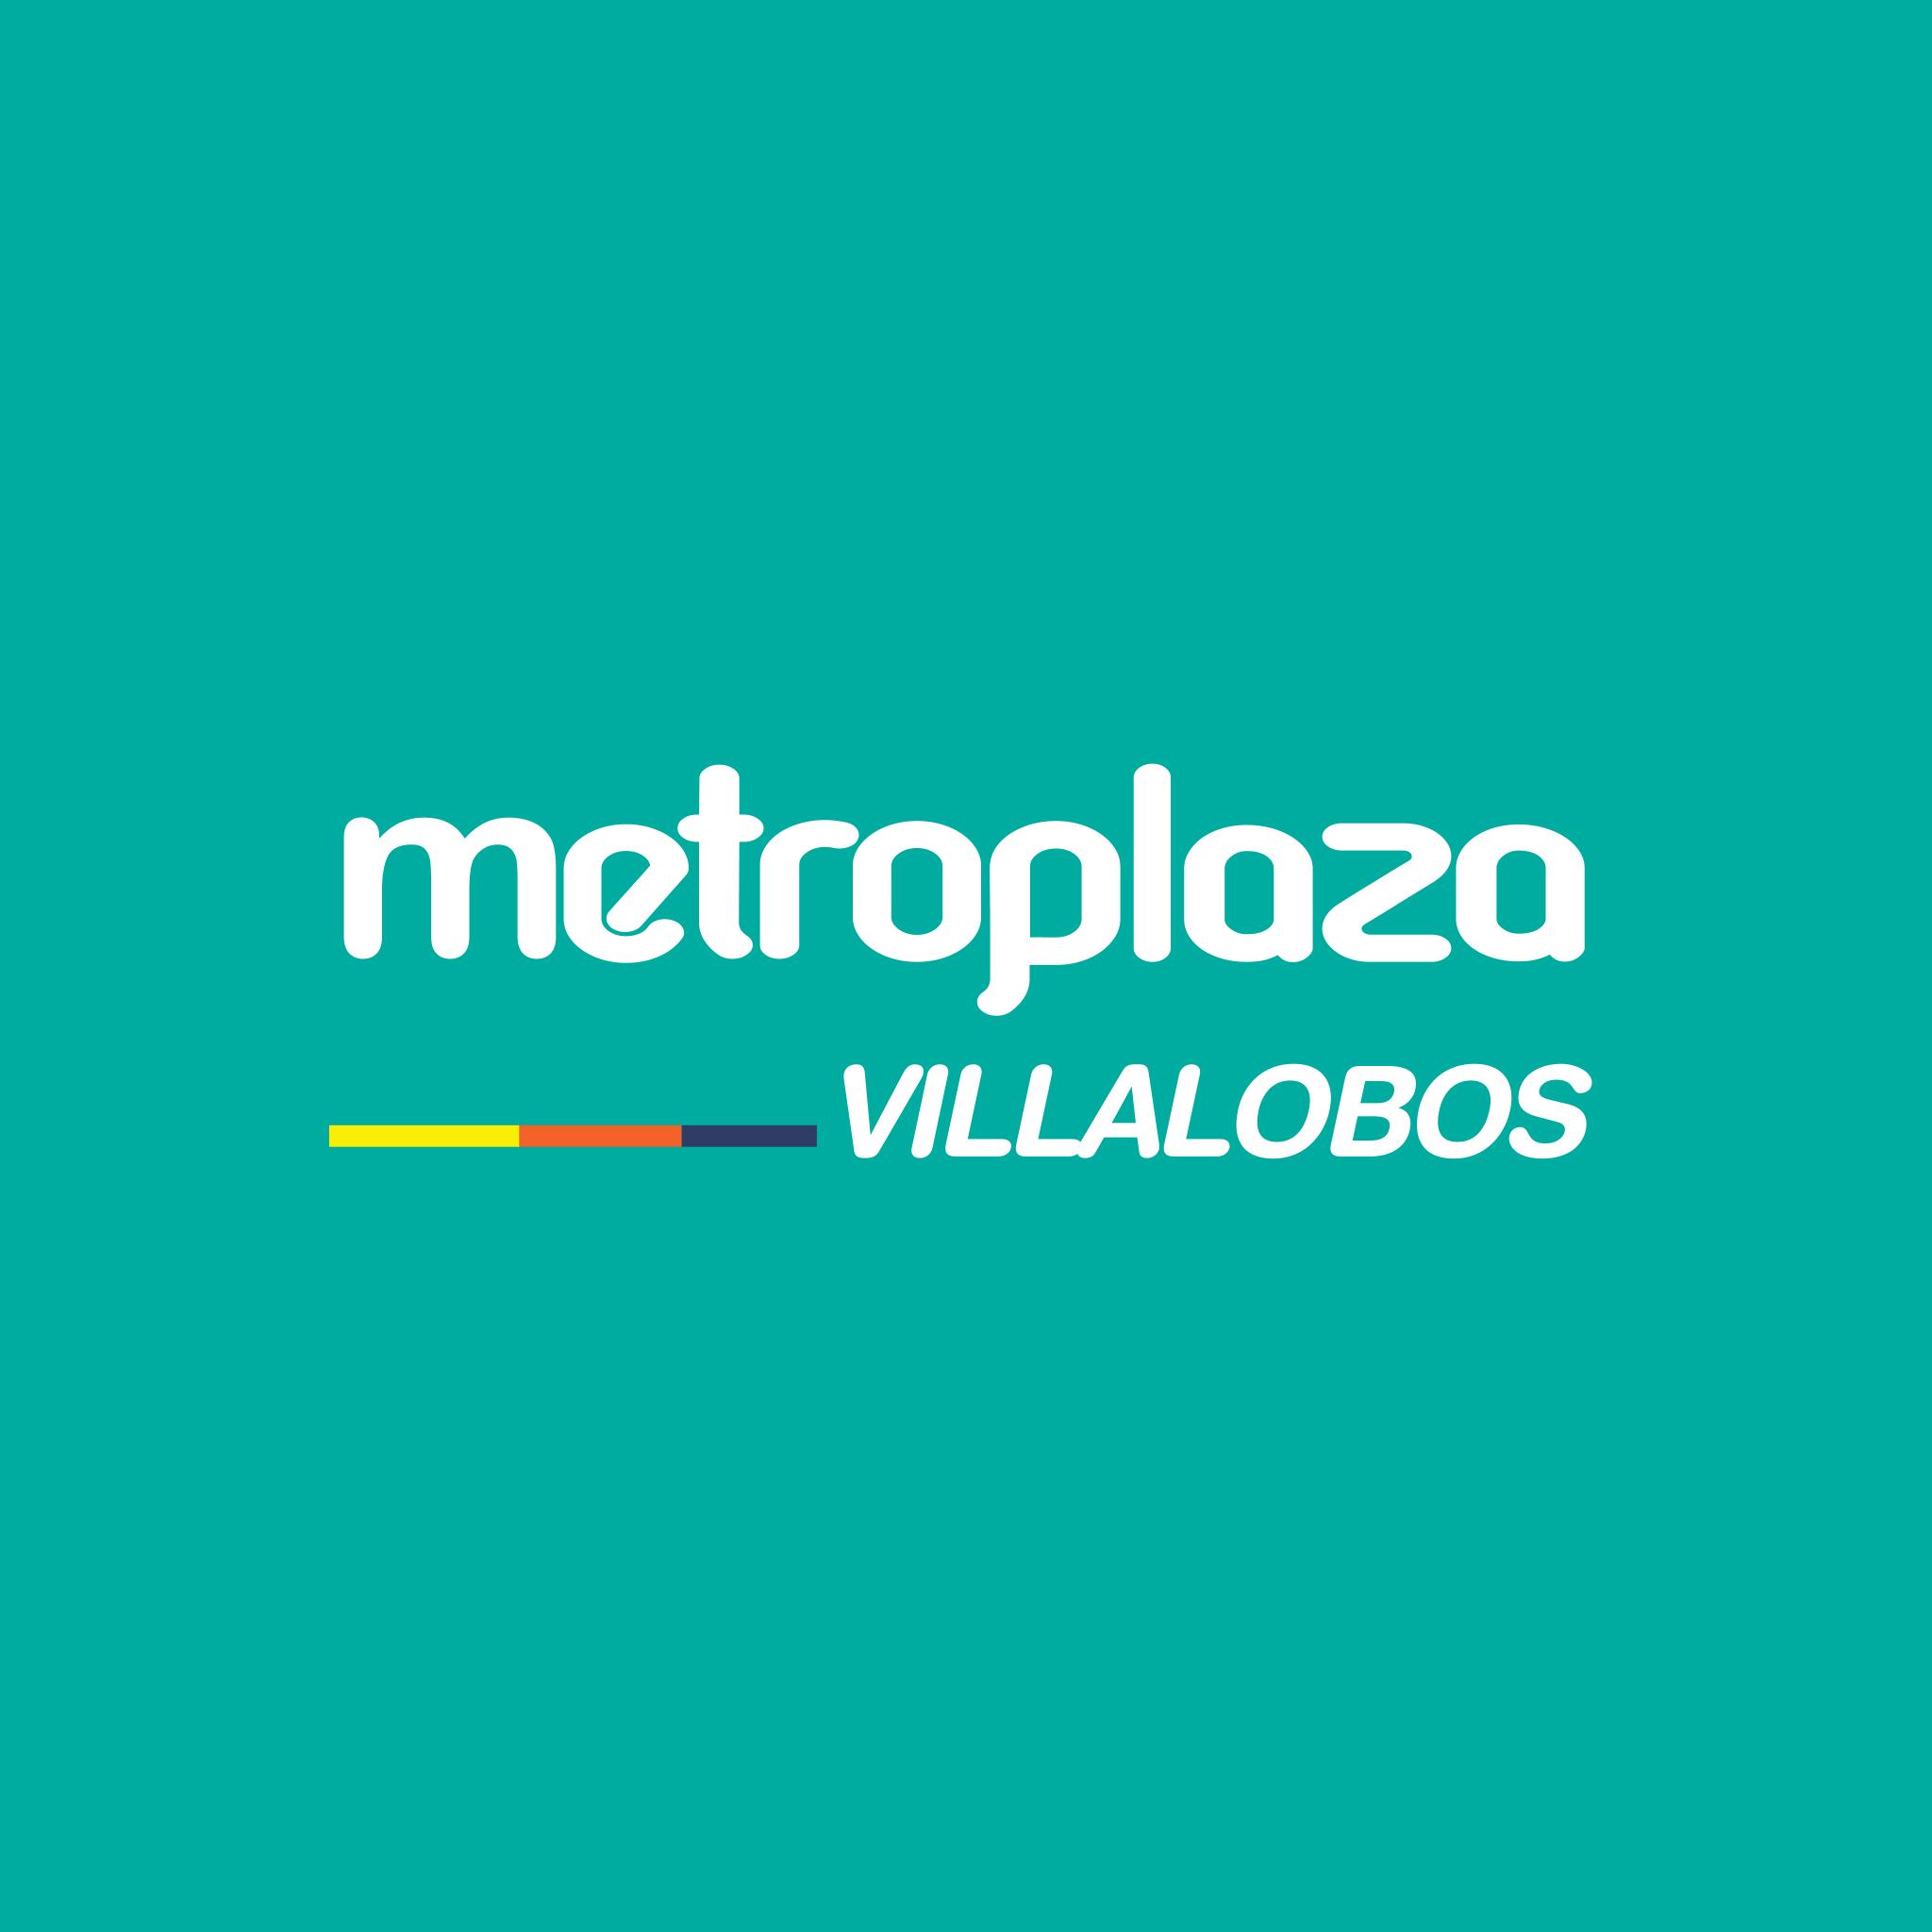 Metroplaza Villalobos, Villa Nueva, Guatemala, Metroproyectos